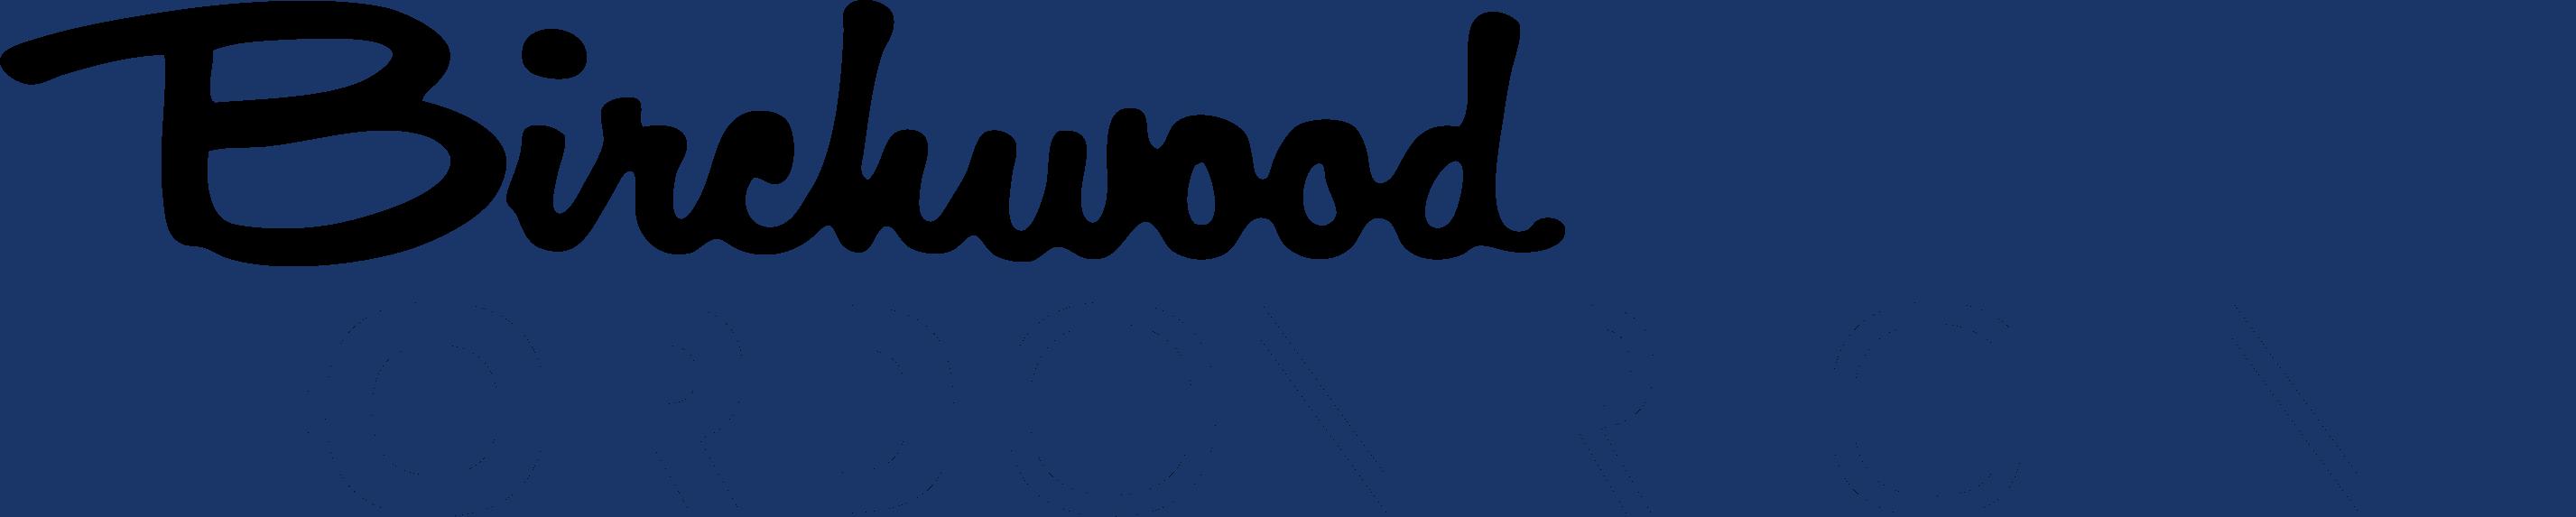 Birchwood Ford